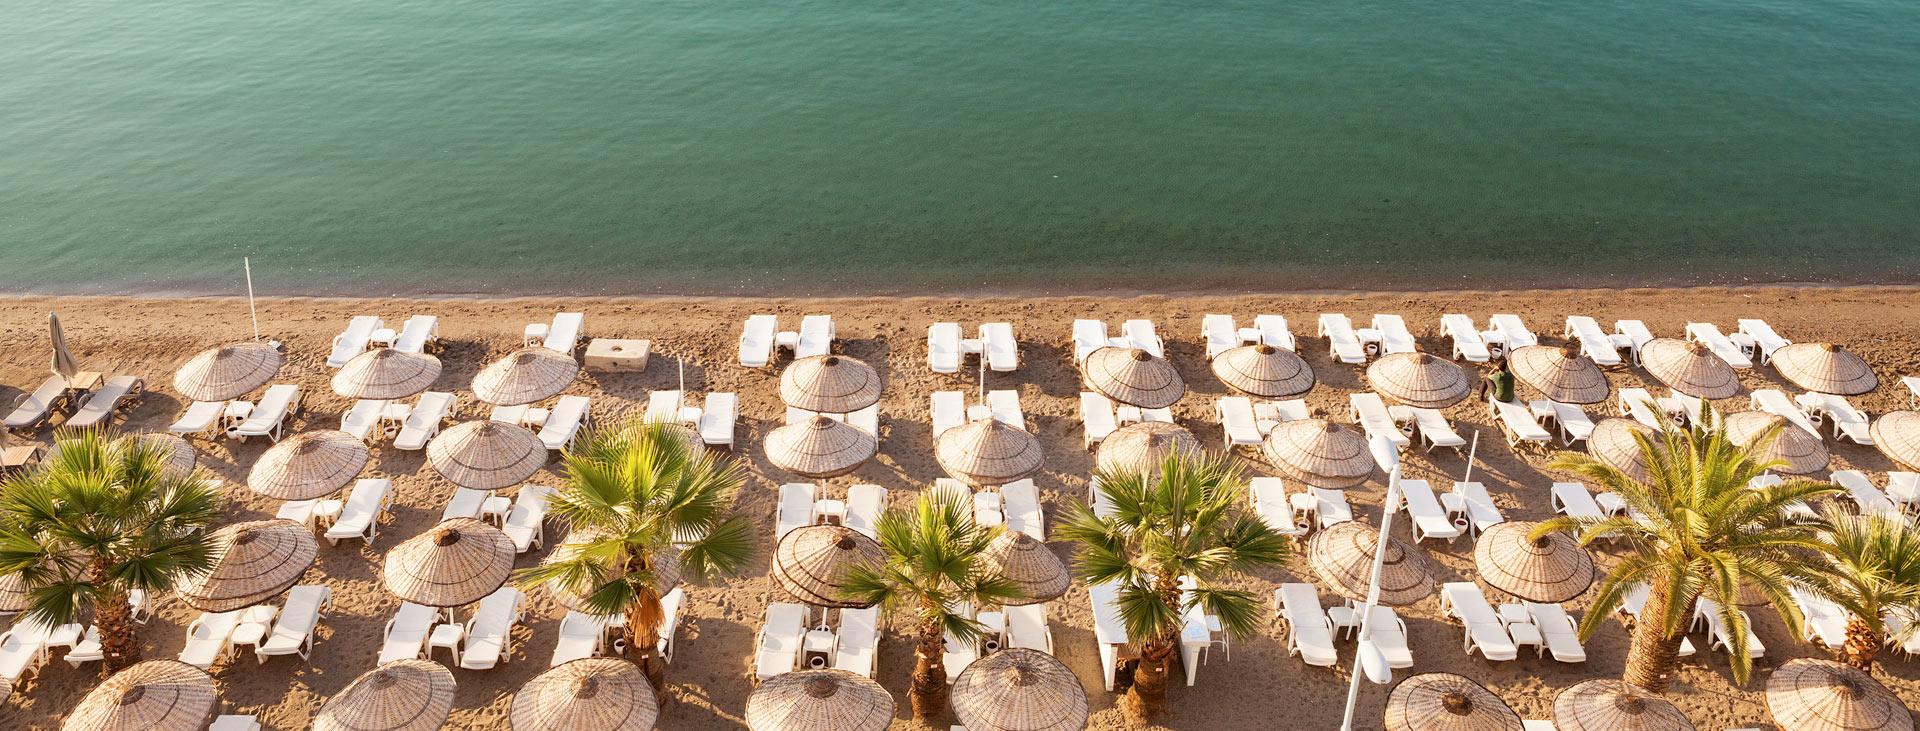 Sunprime Beachfront, Marmaris, Marmaris-området, Tyrkiet